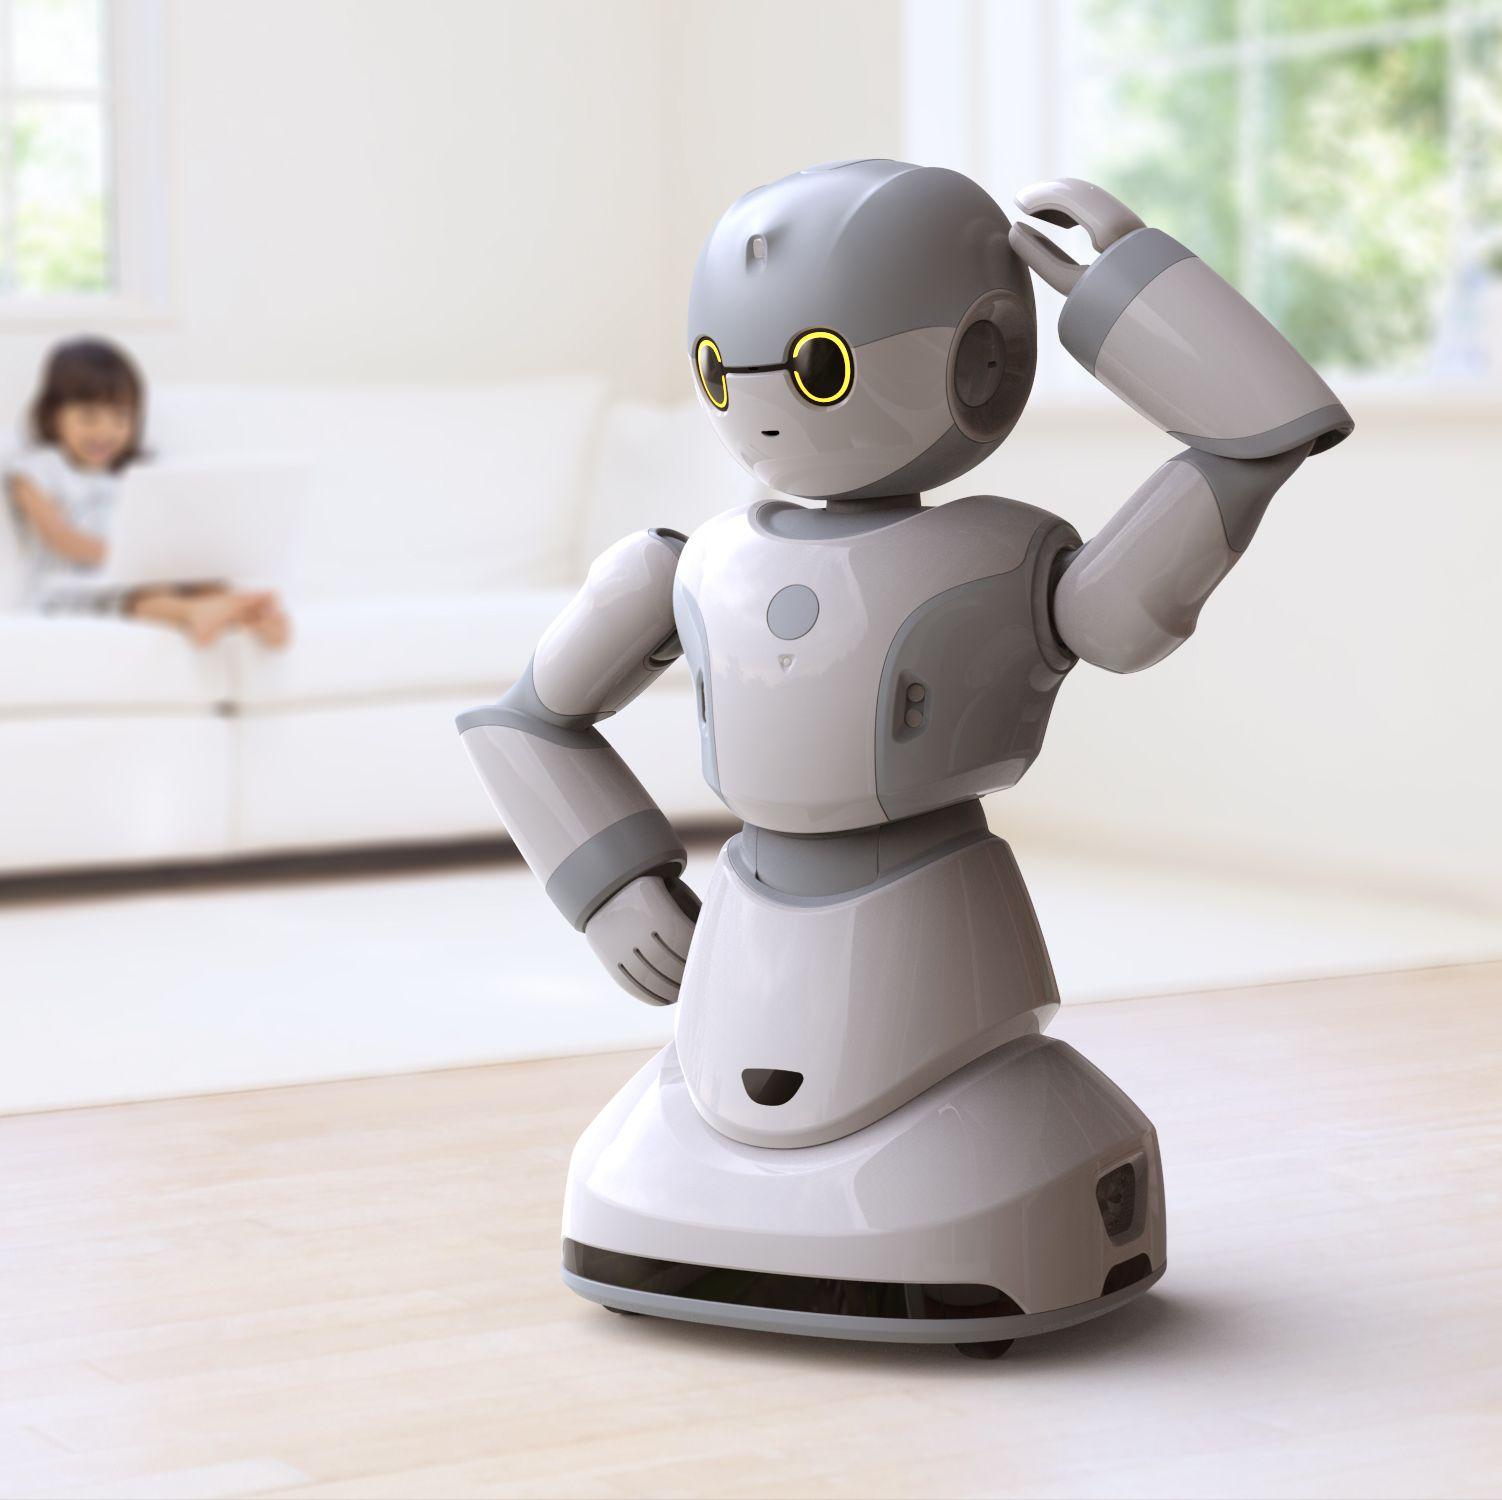 海尔Ubot家庭伴侣机器人